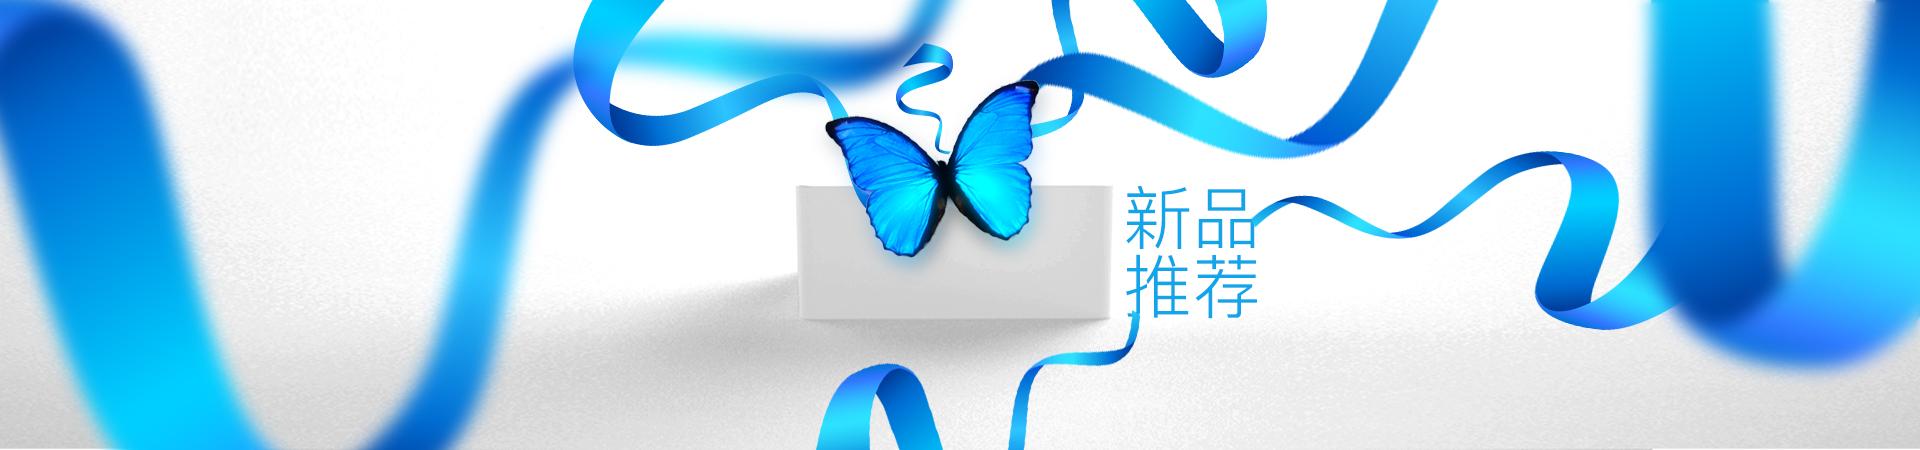 上新banner